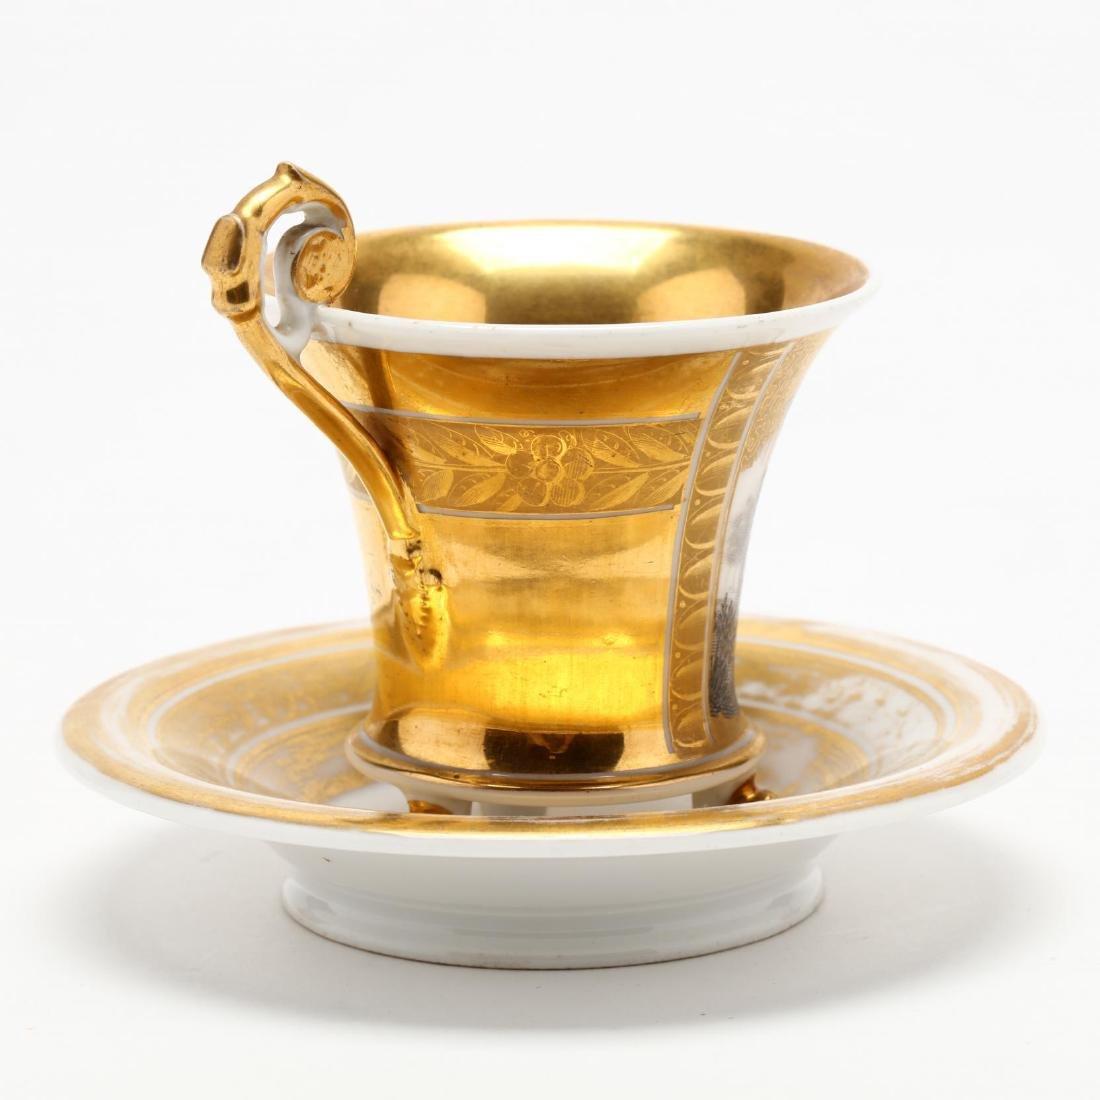 Paris Porcelain Cup and Saucer - 4